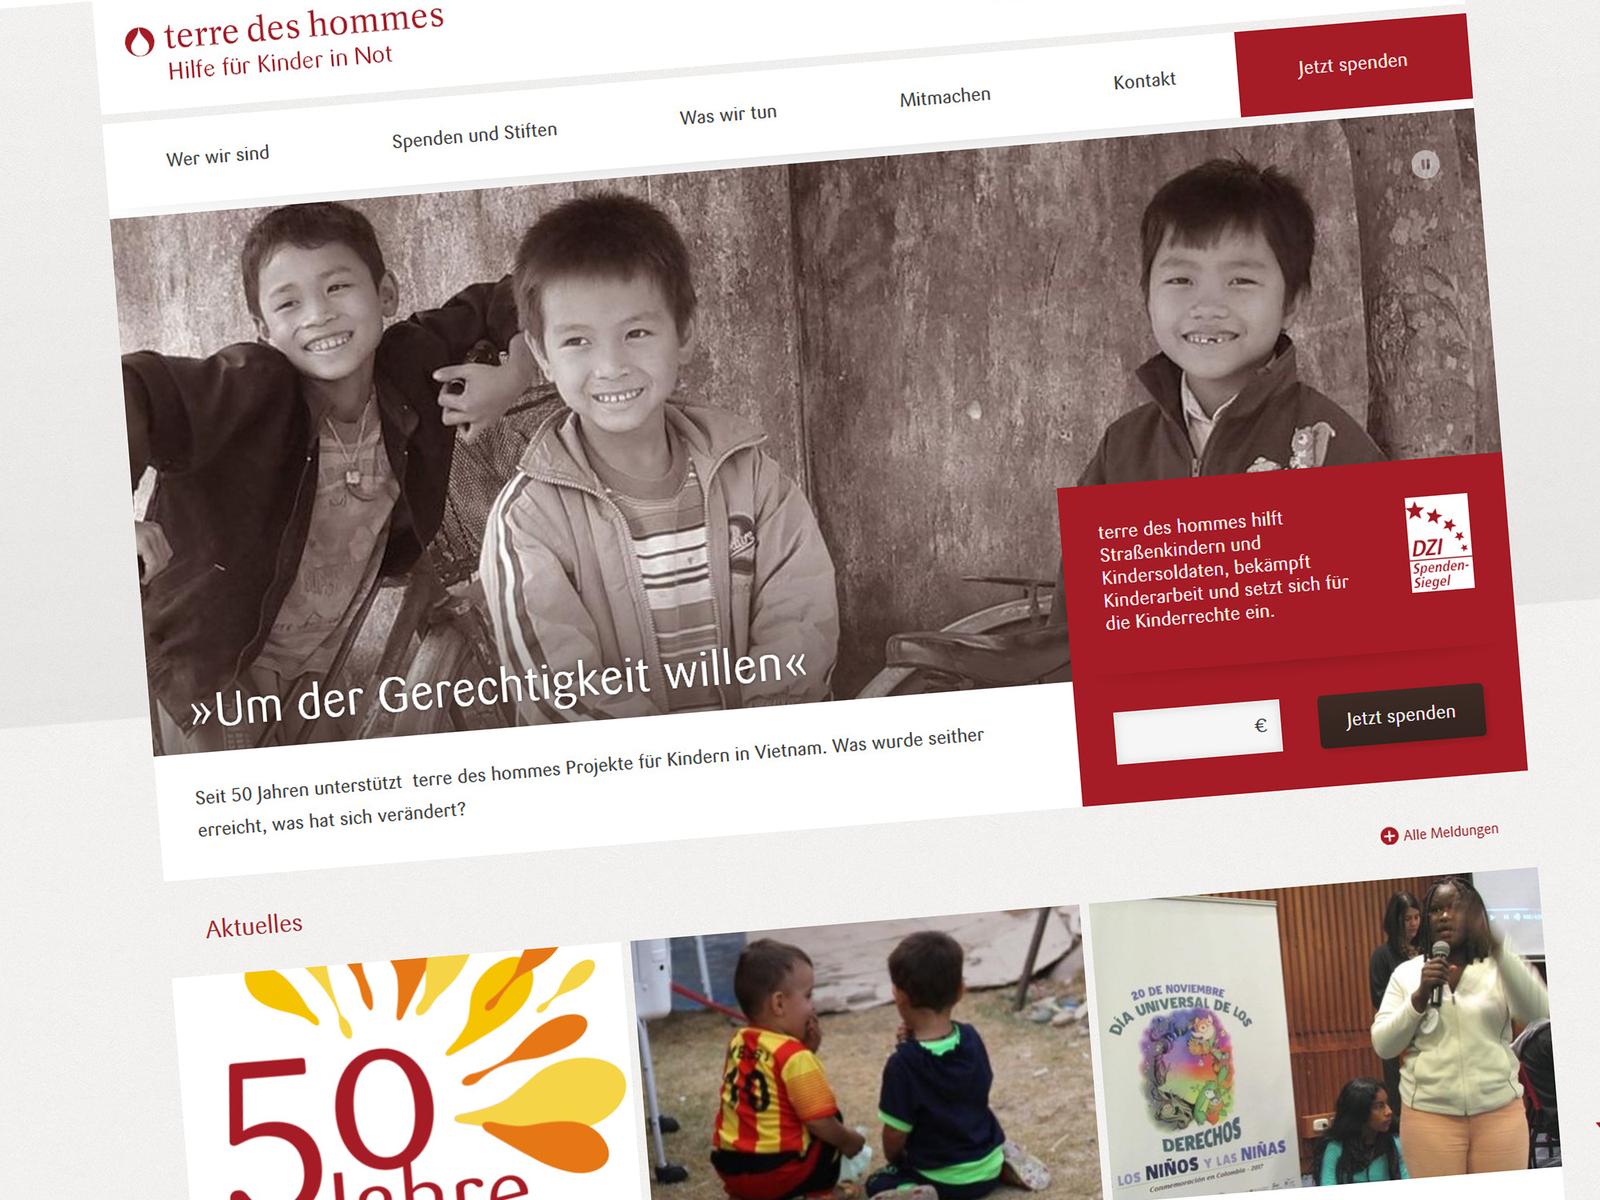 Mobilfähige TYPO3-Website für terre des hommes